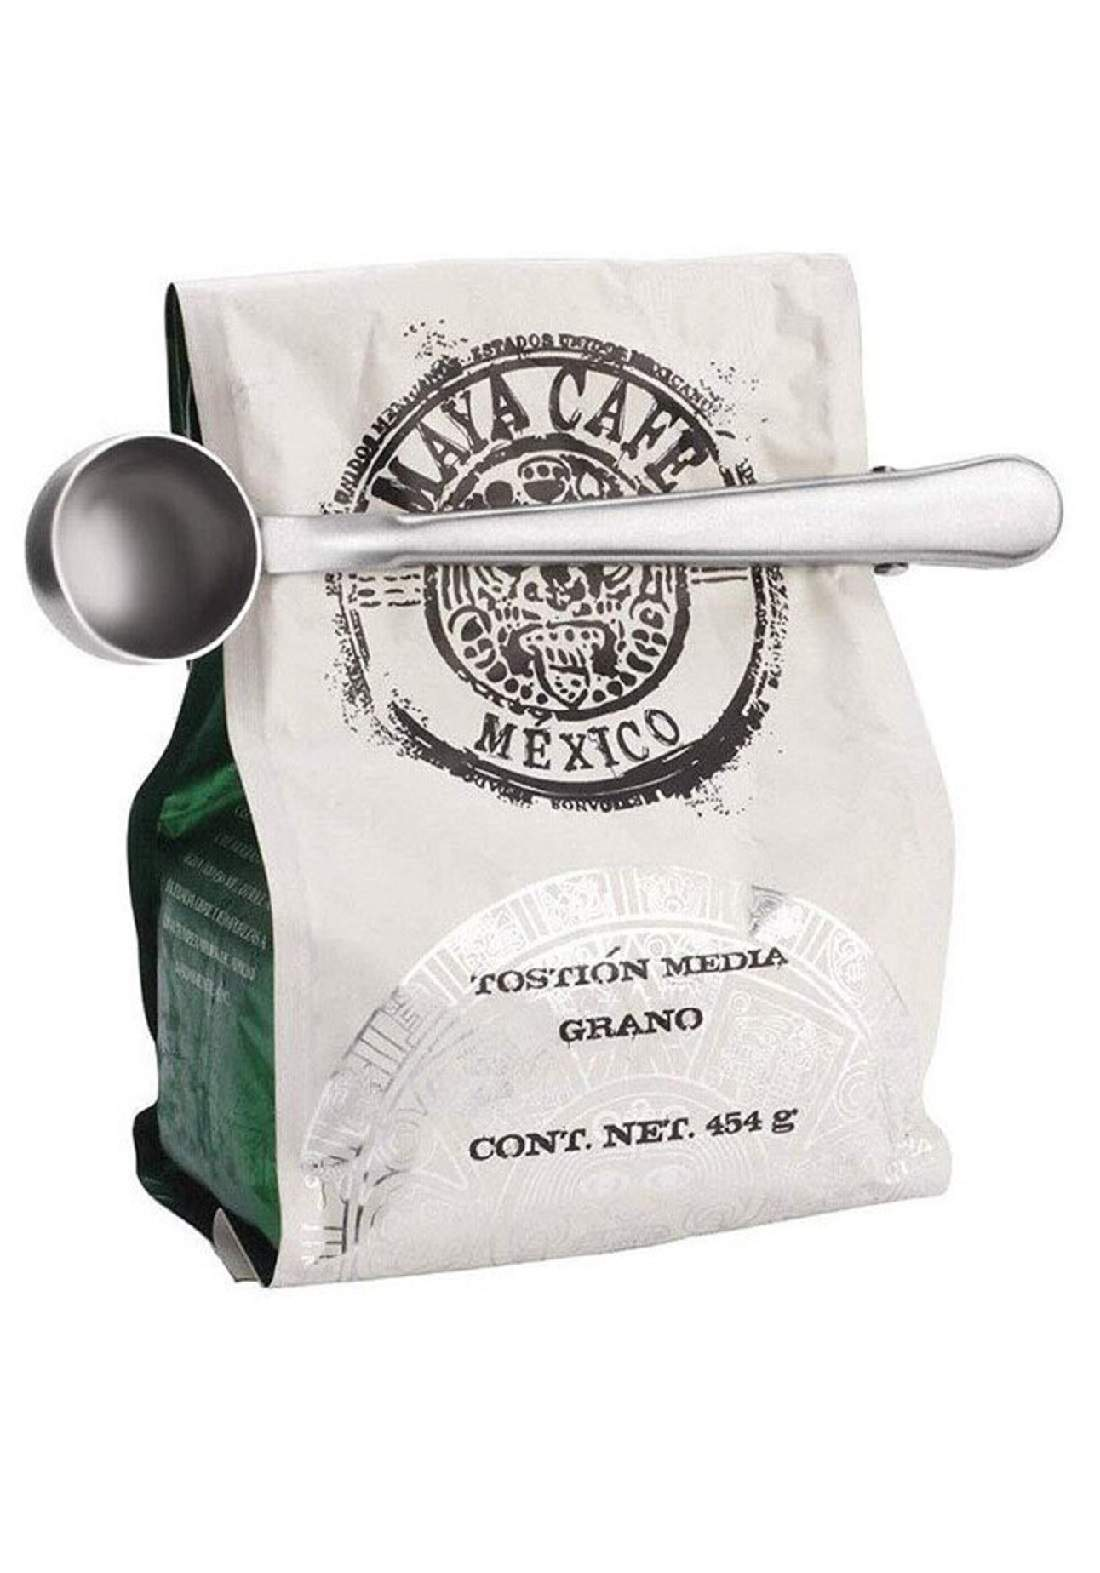 مغرافة وكابسة كيس القهوة والشاي - اثنان في واحد - متعددة الالوان